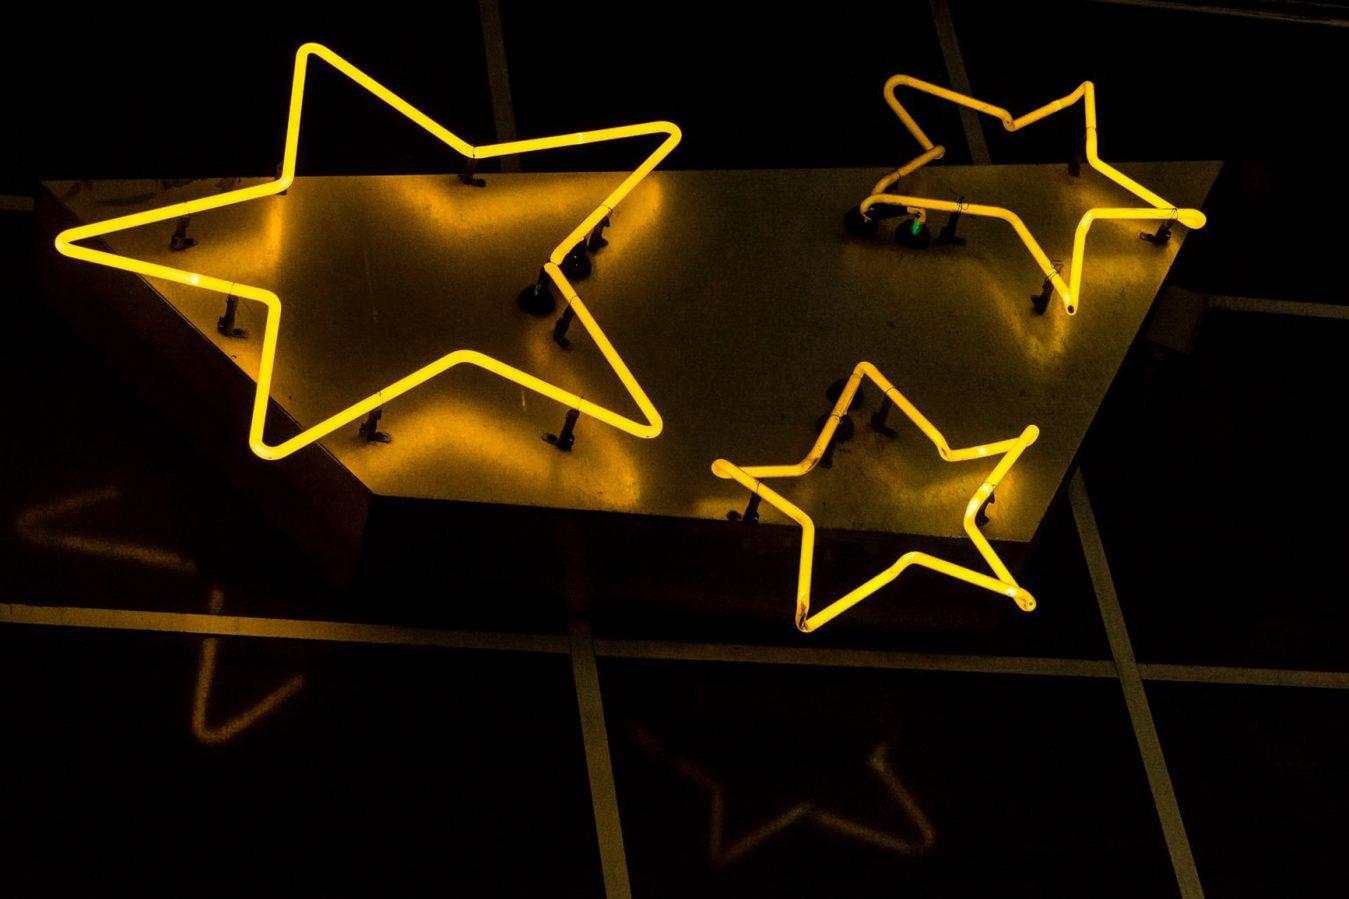 Tre stelle al neon gialle su sfondo nero